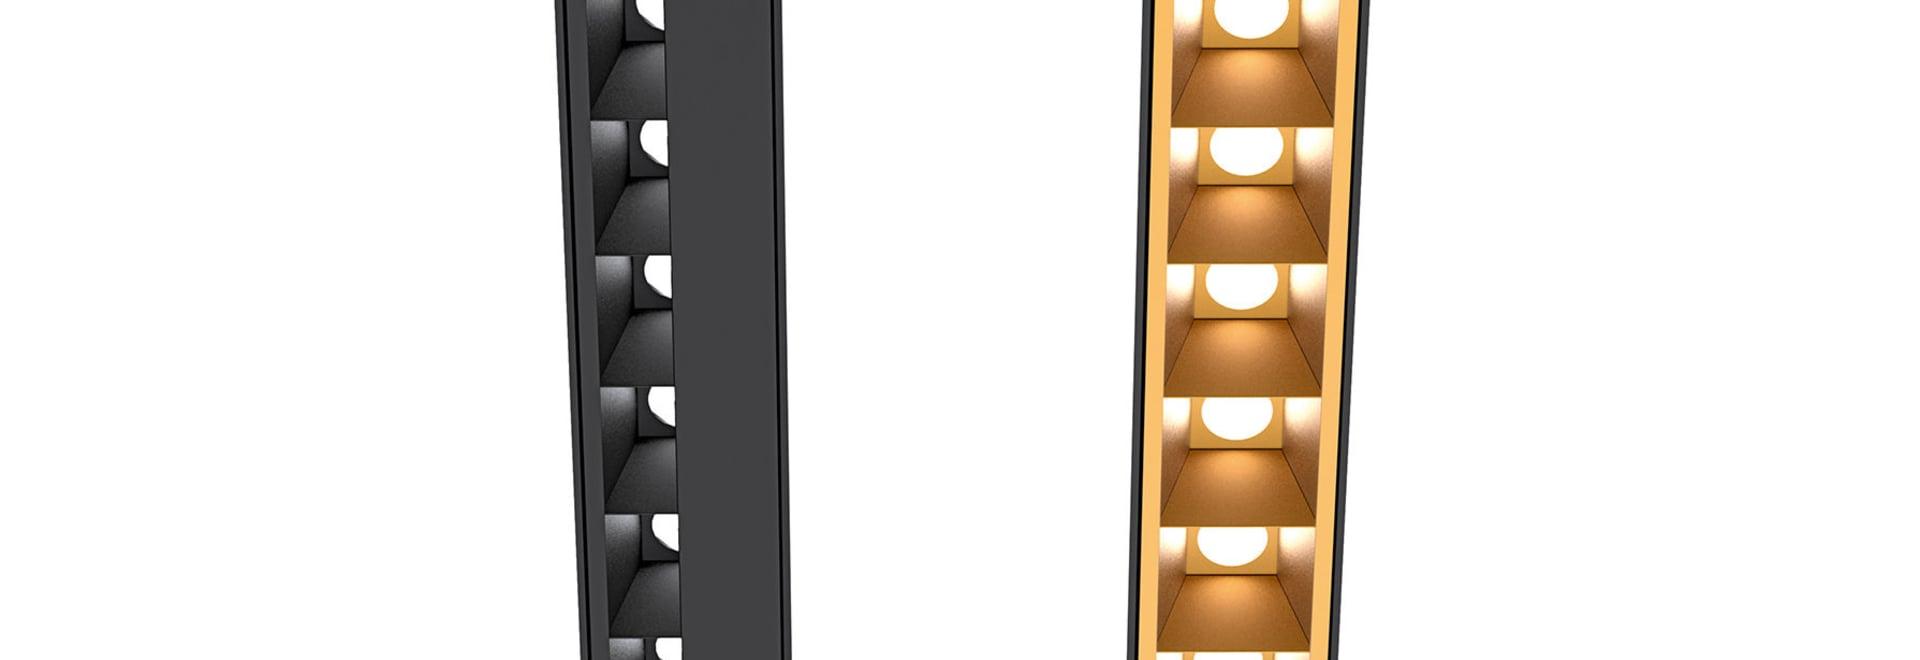 U060 Lightway que pasta el  de los bafles/los bafles simétricos del